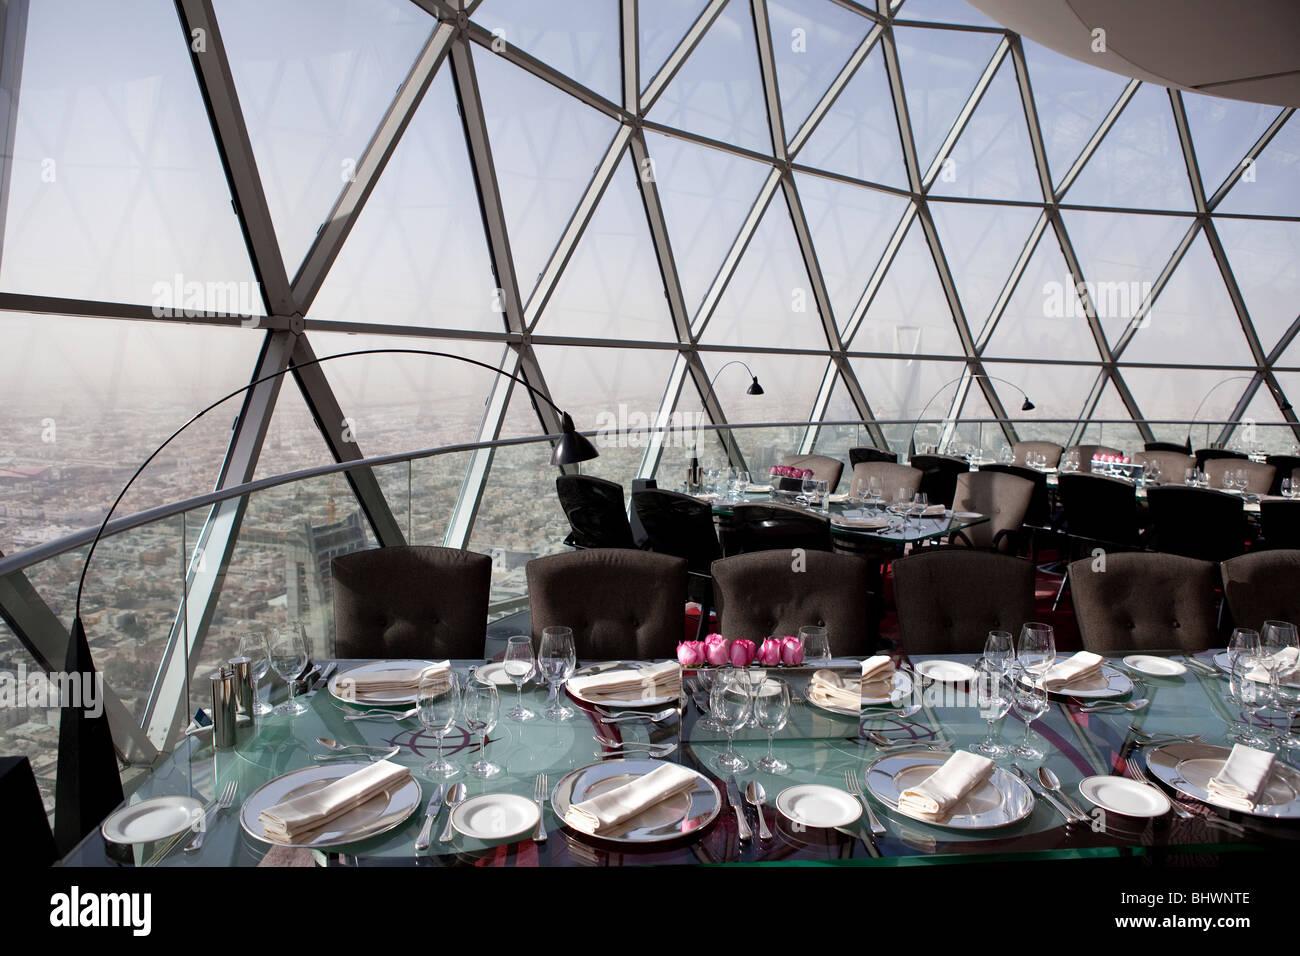 Torre Al-Faisaliah Globe Riad, Arabia Saudita Imagen De Stock